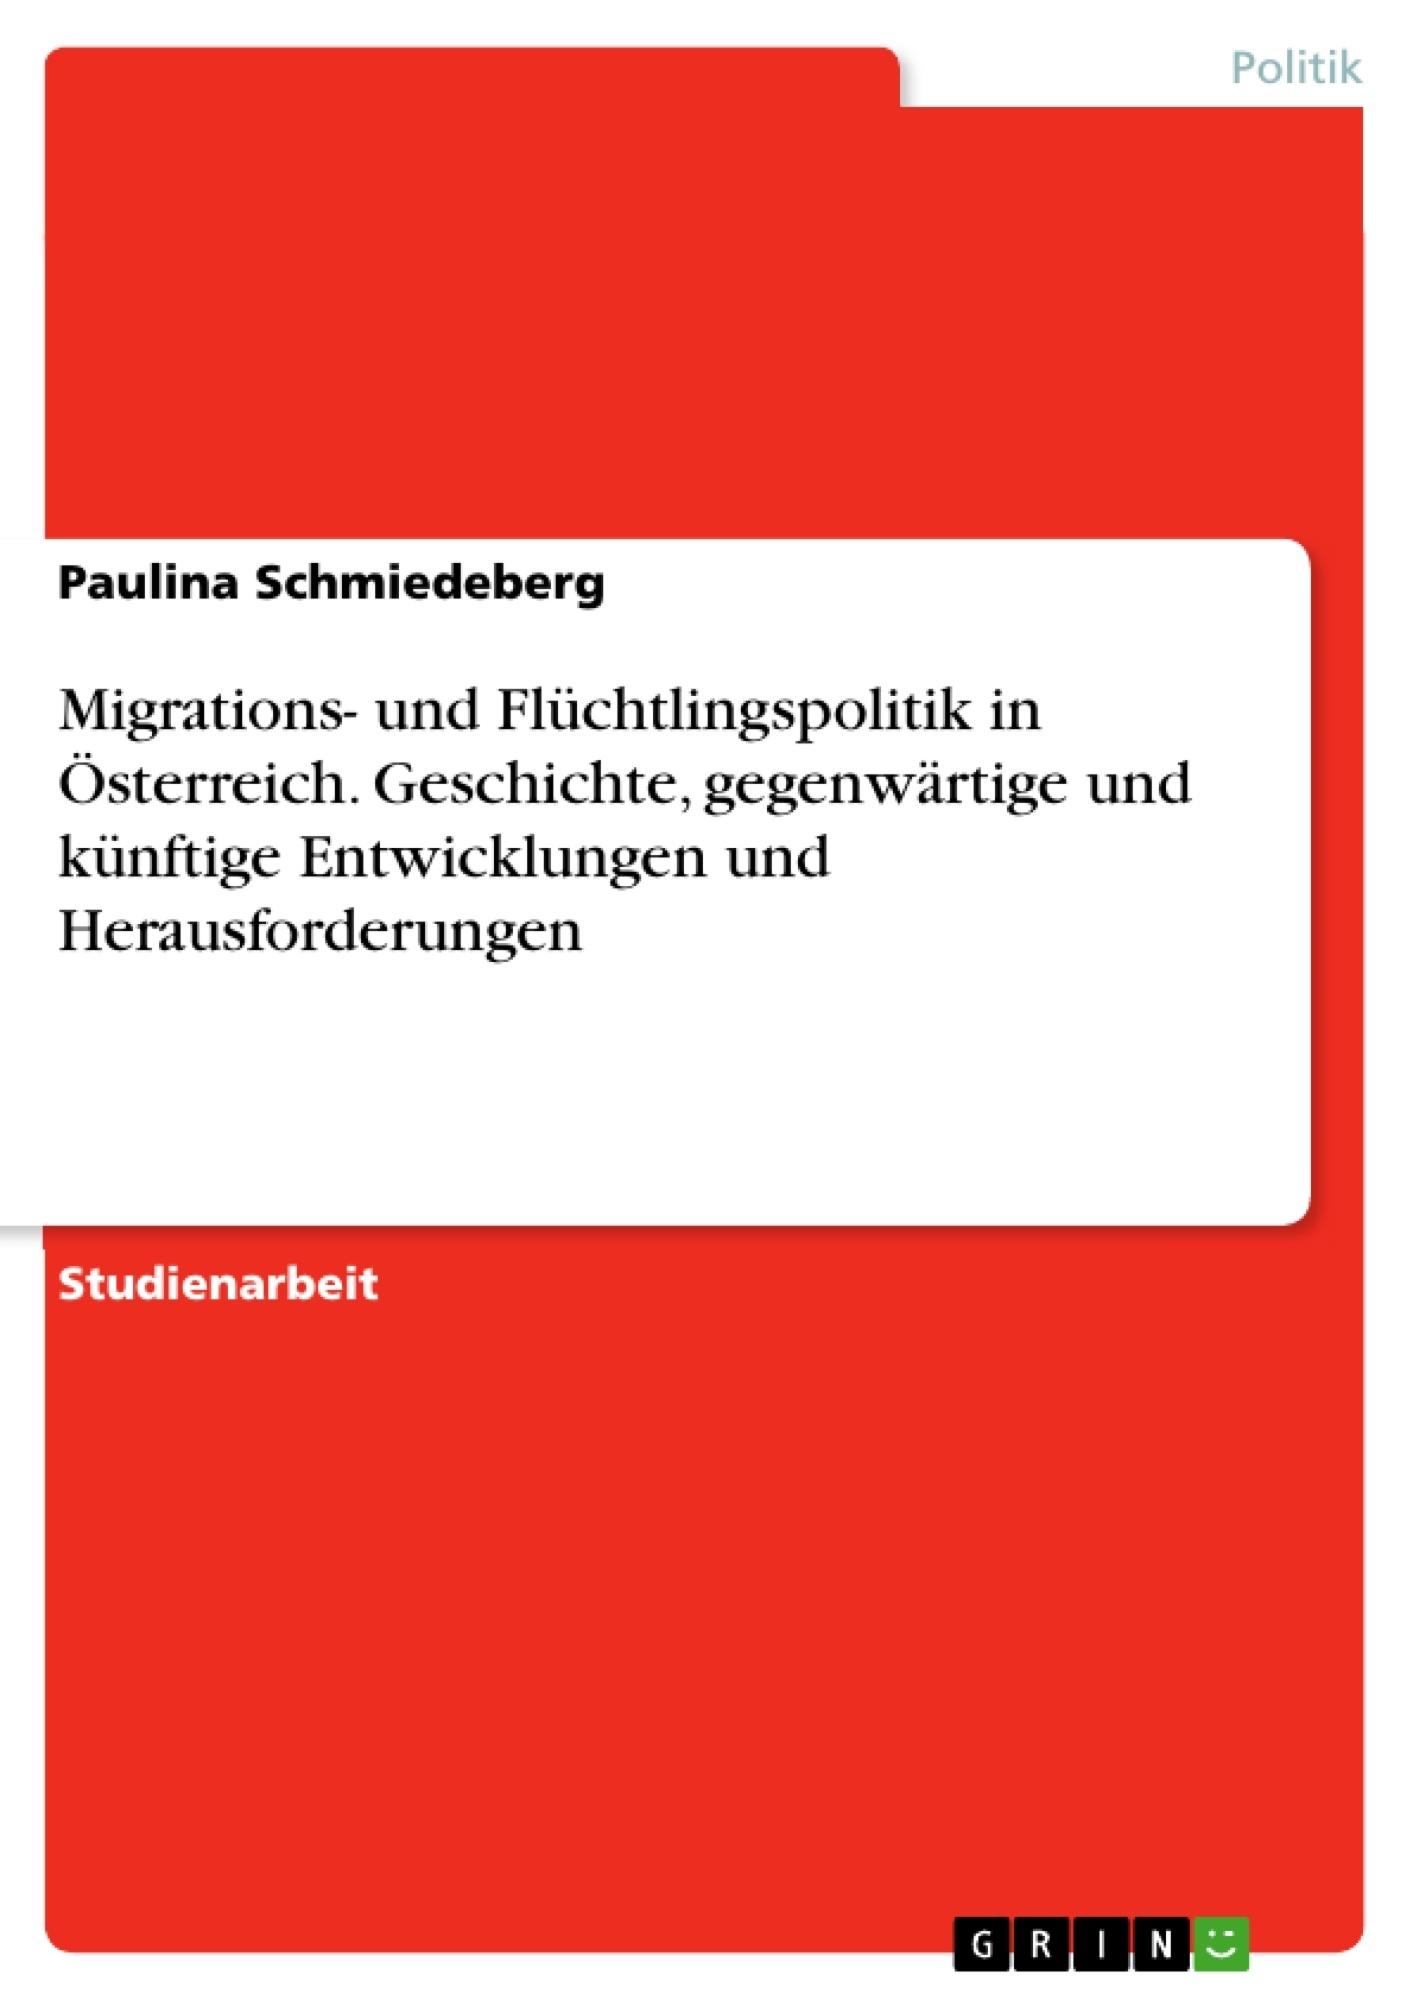 Titel: Migrations- und Flüchtlingspolitik in Österreich. Geschichte, gegenwärtige und künftige Entwicklungen und Herausforderungen